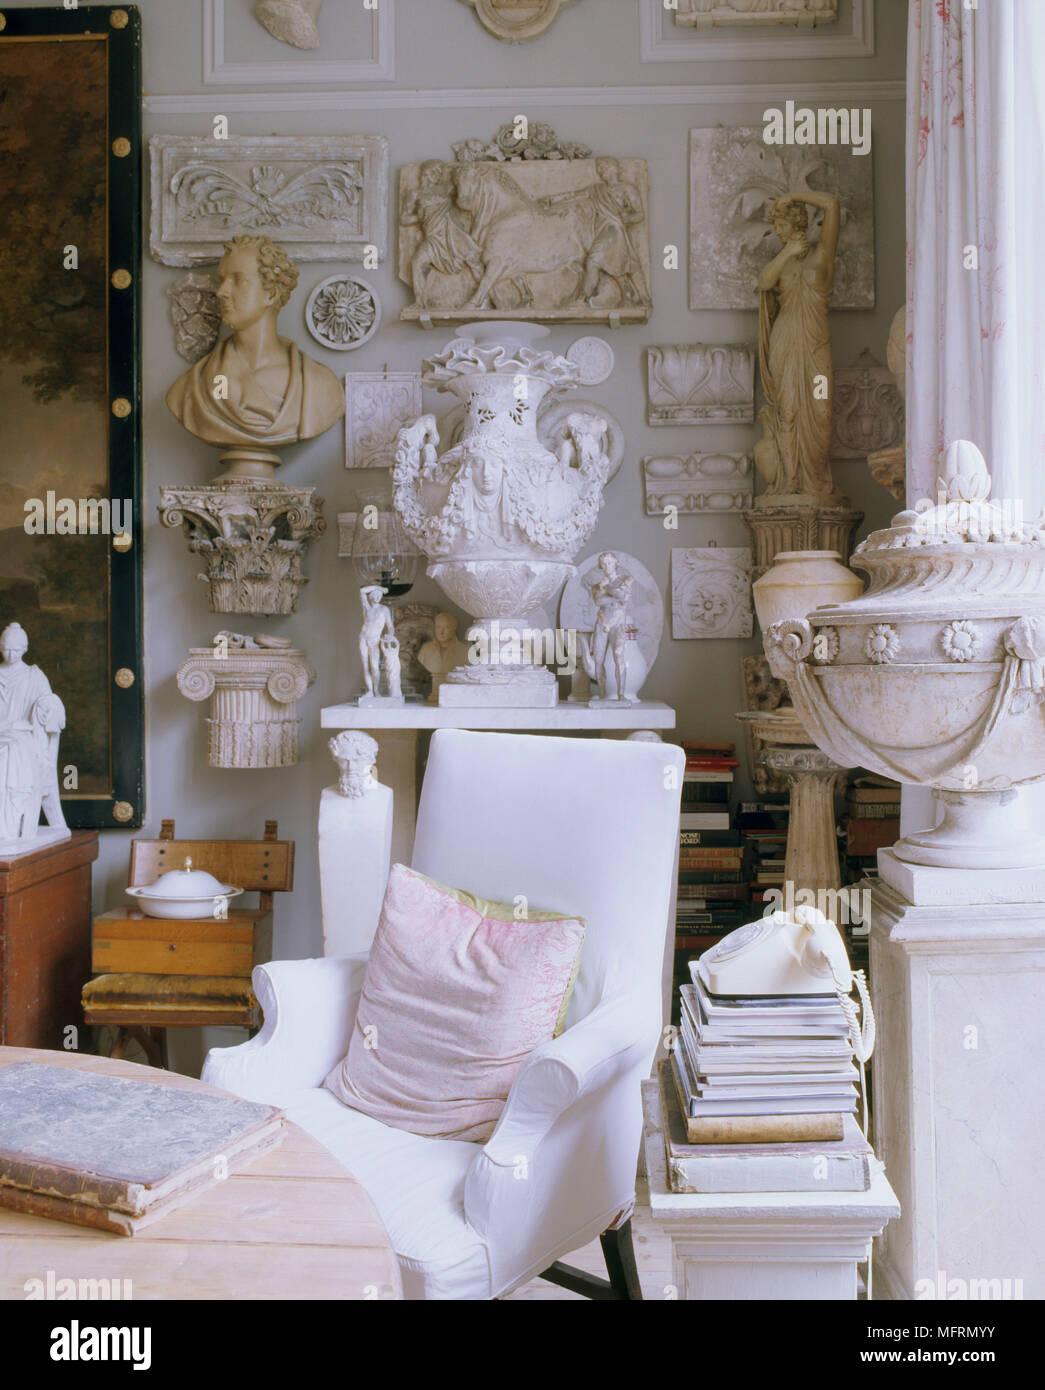 una tradicional Un un sillón salón un detalle de tapizado PuOkZXiT